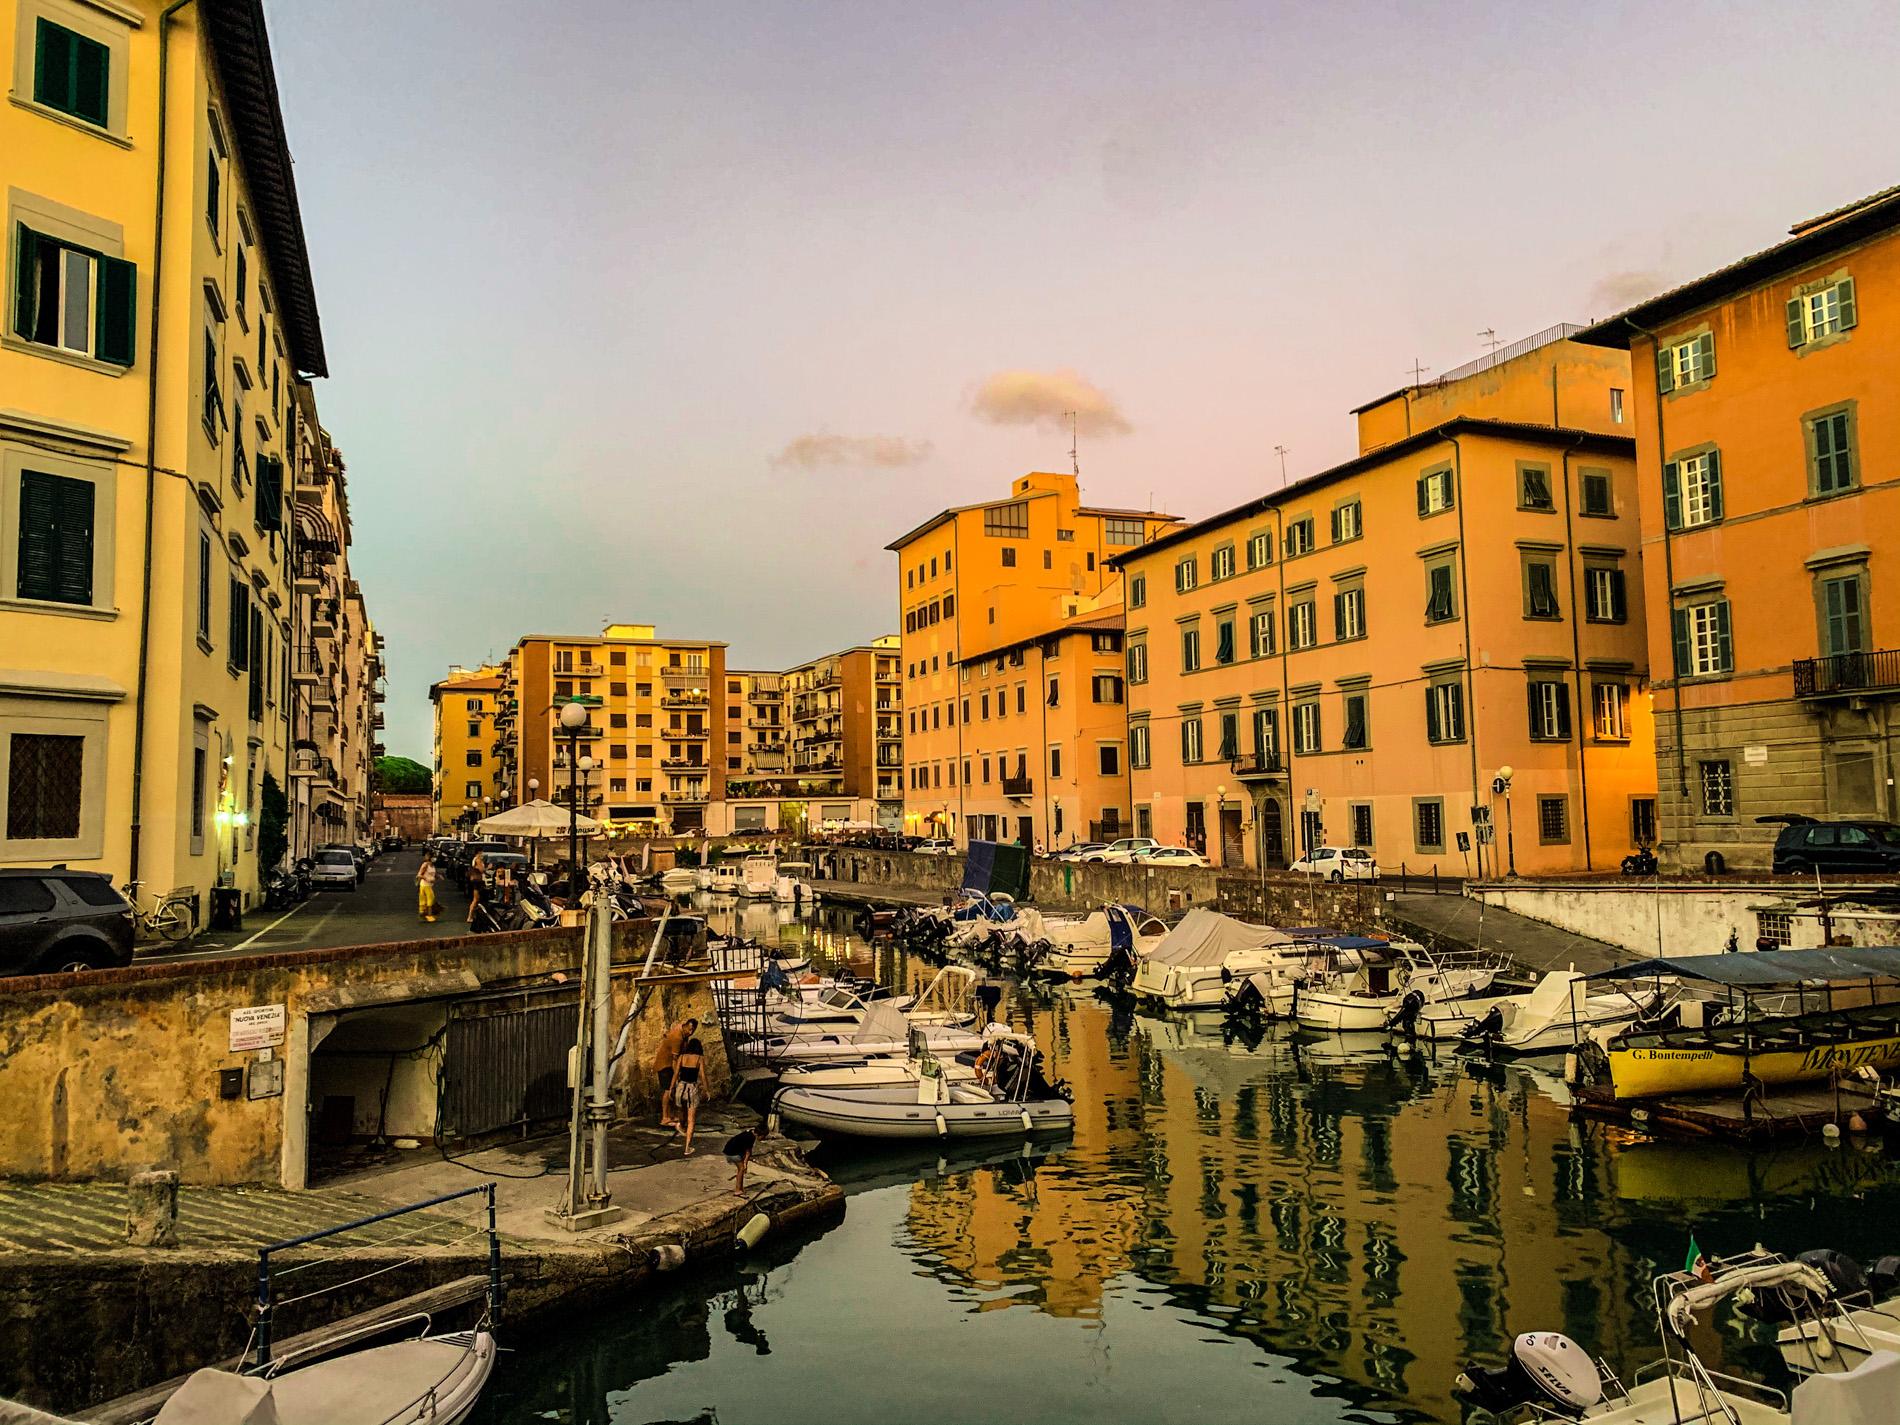 Centro Storico di Livorno